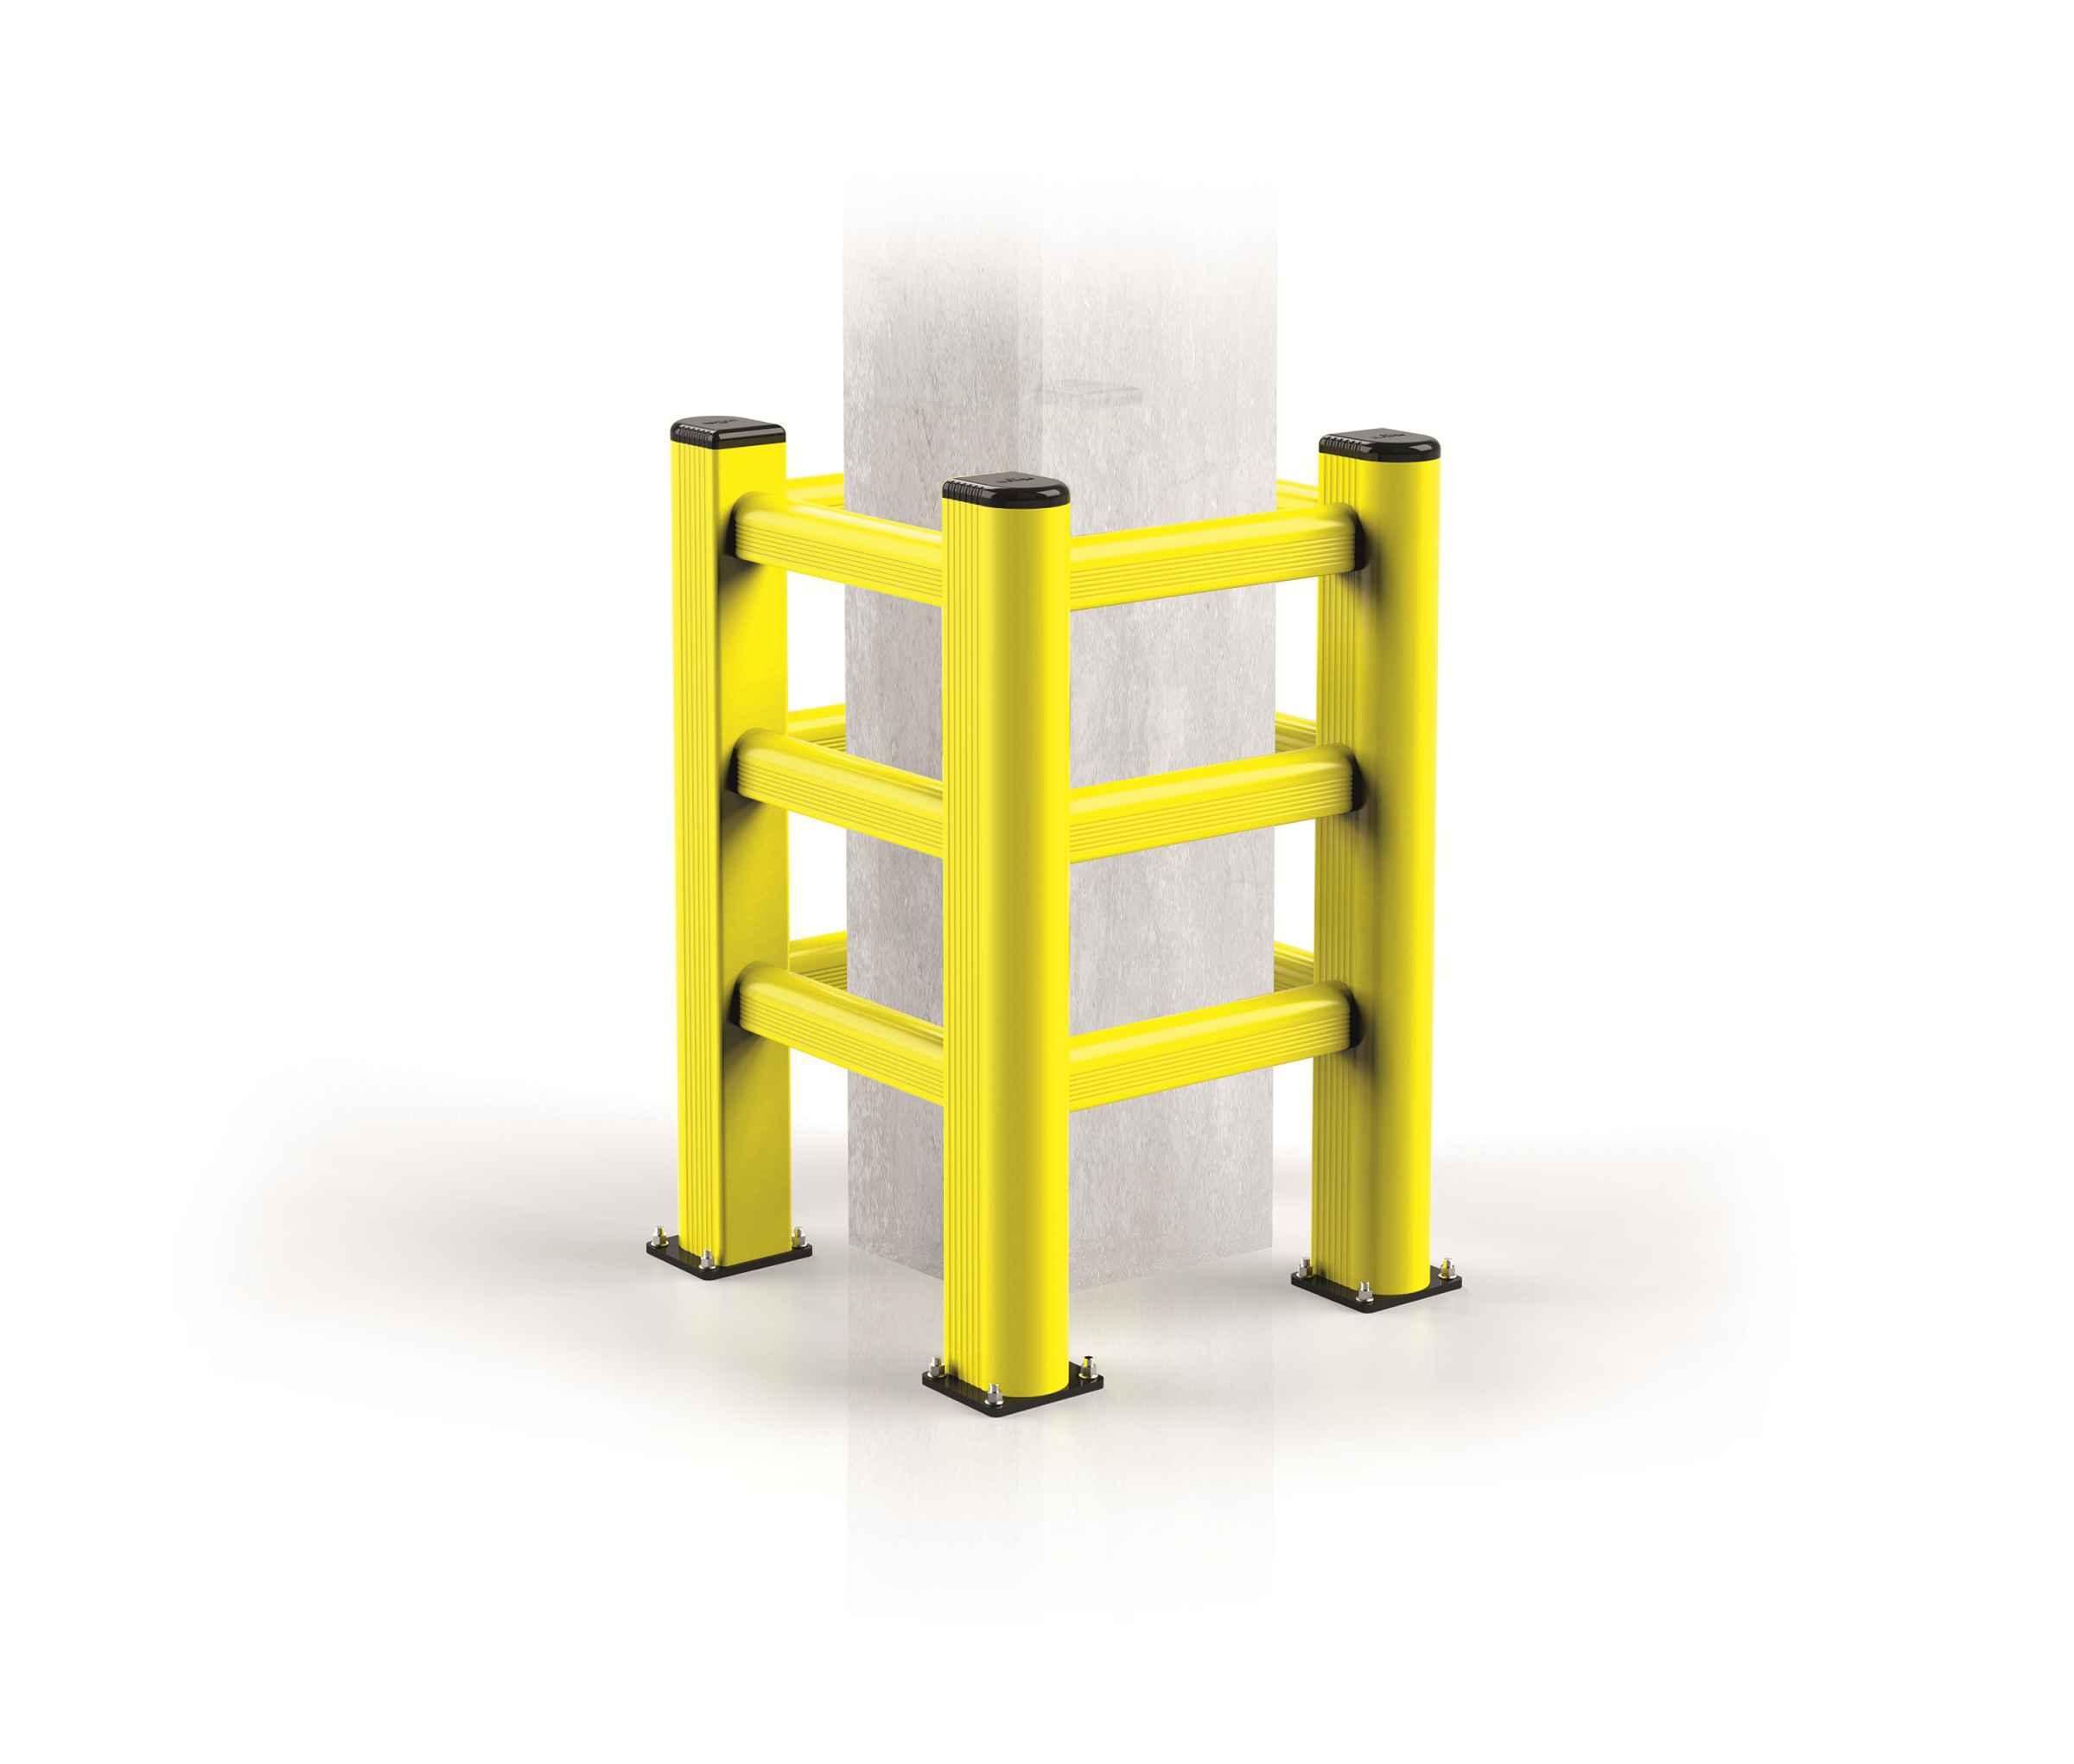 Modułowa elastyczna bariera do ochrony kolumn TP 500 x 500 x 1150 mm